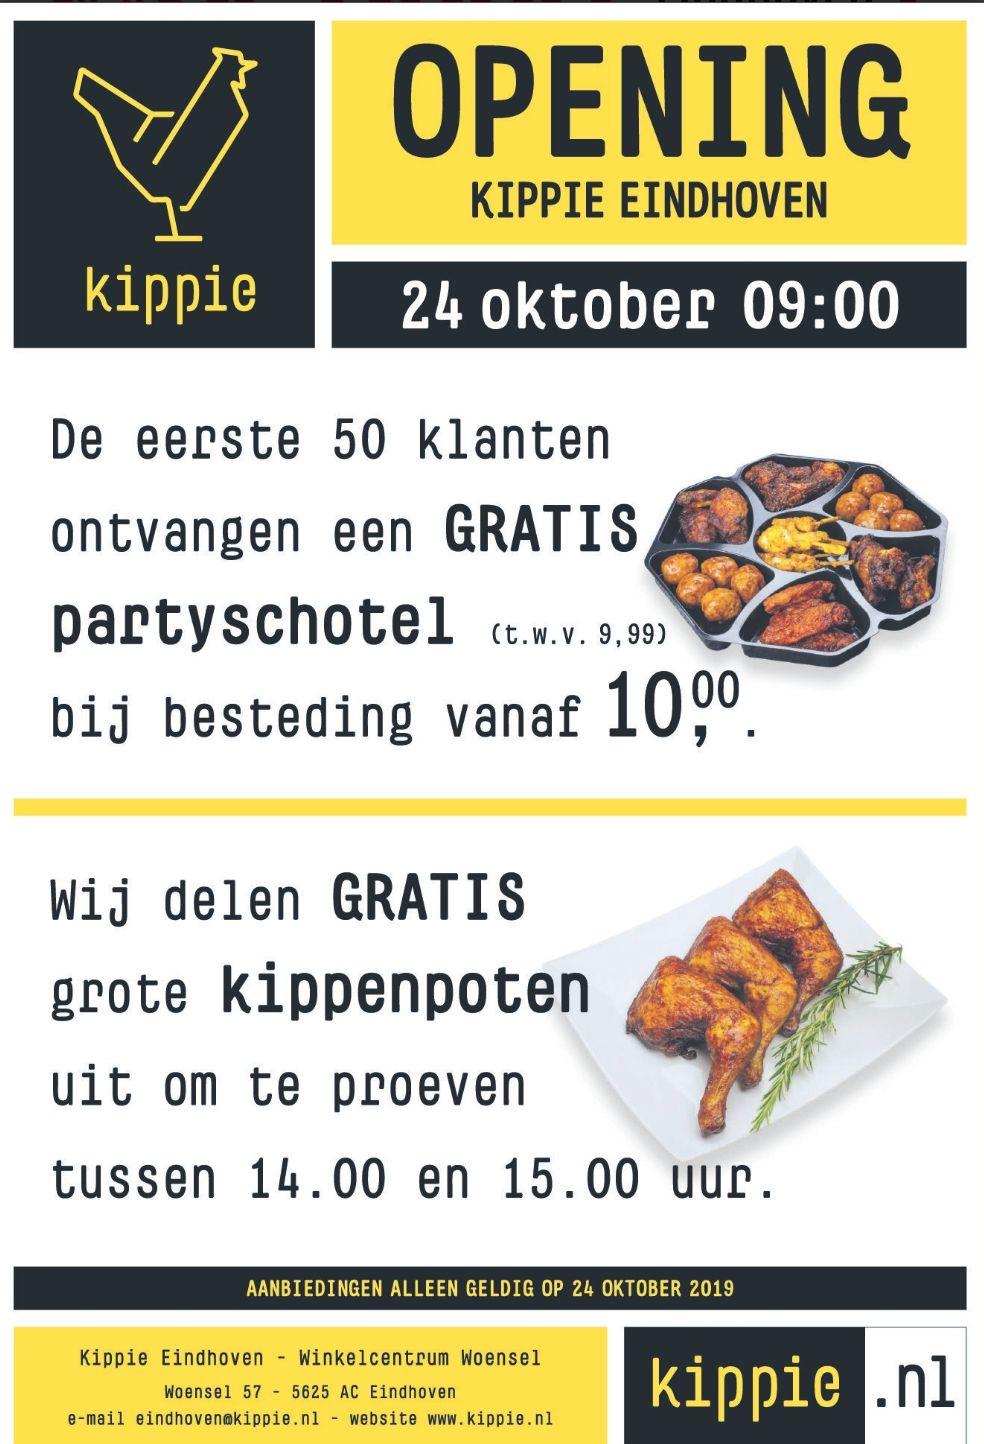 (Lokaal Eindhoven) Gratis kippenpoten proeven op 24okt tussen 14.00 en 15.00